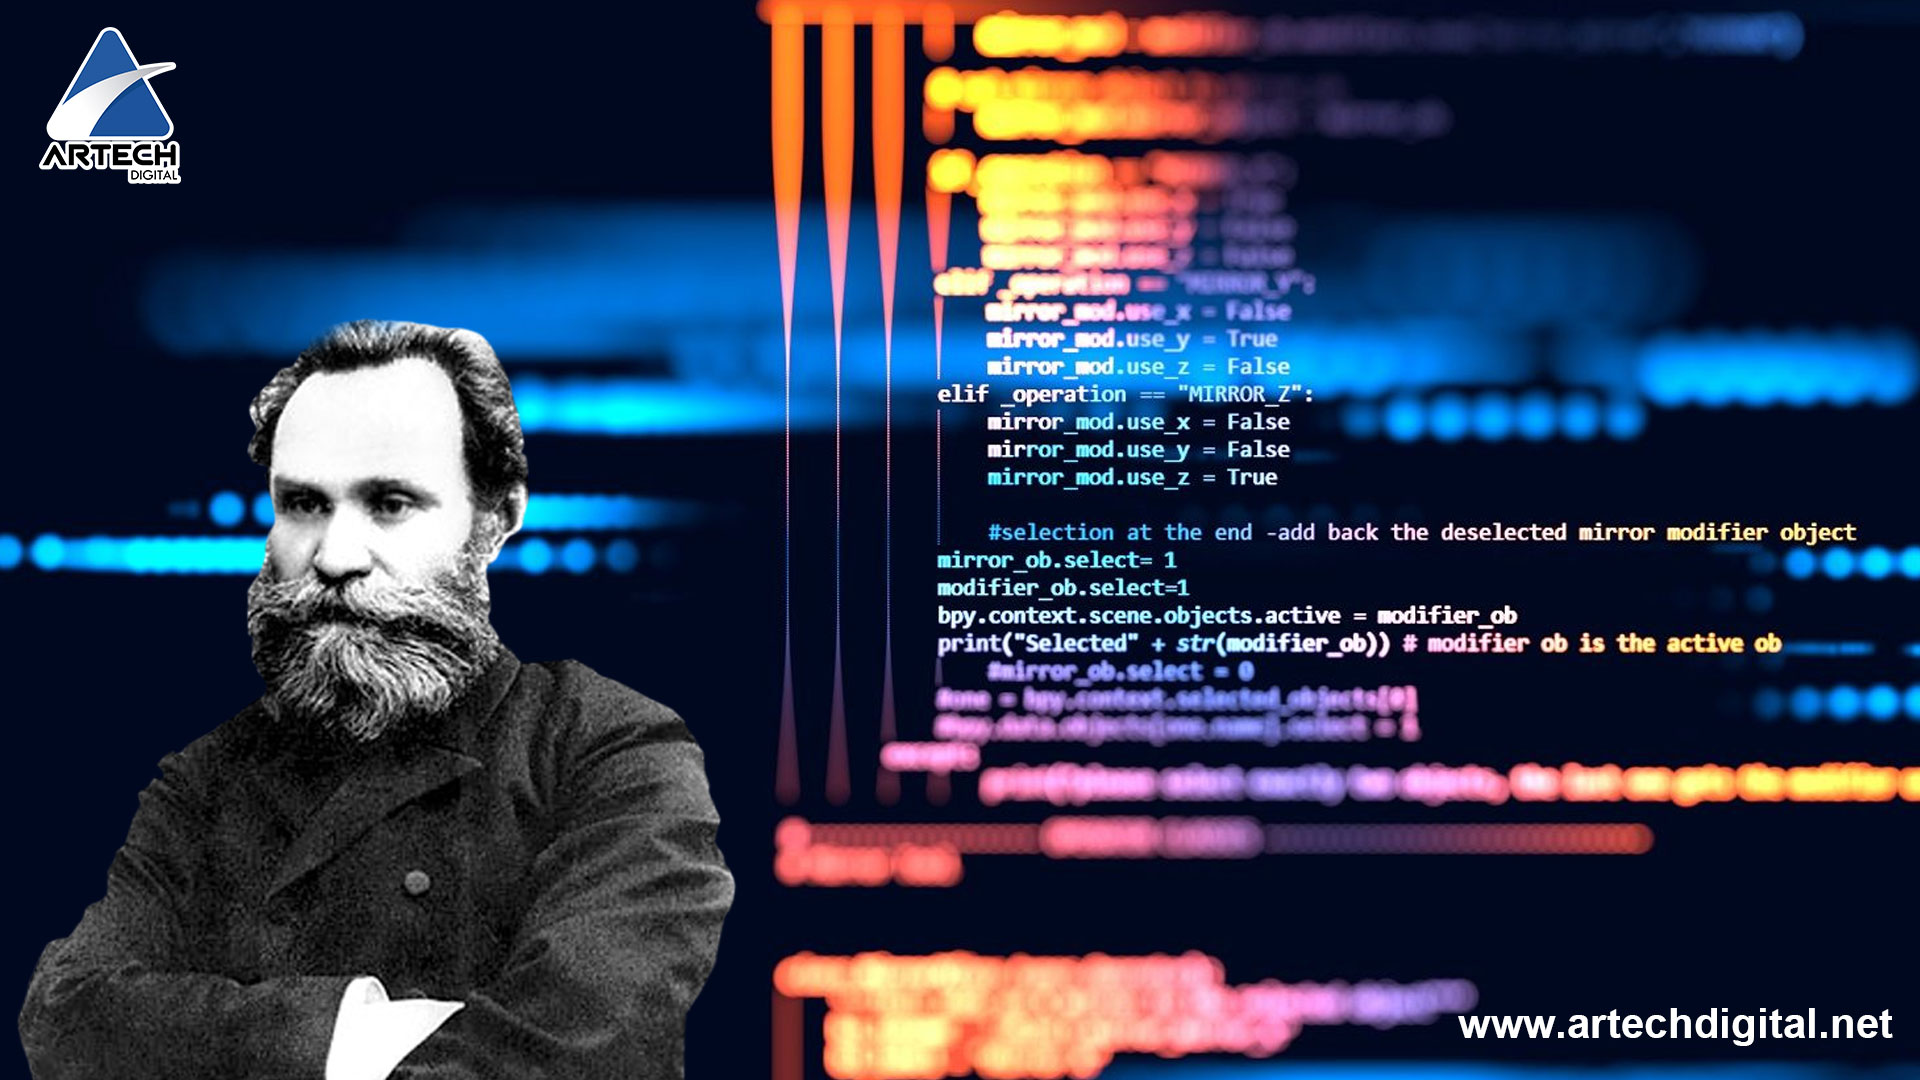 Ivan pavlov y su algoritmo - artechdigital